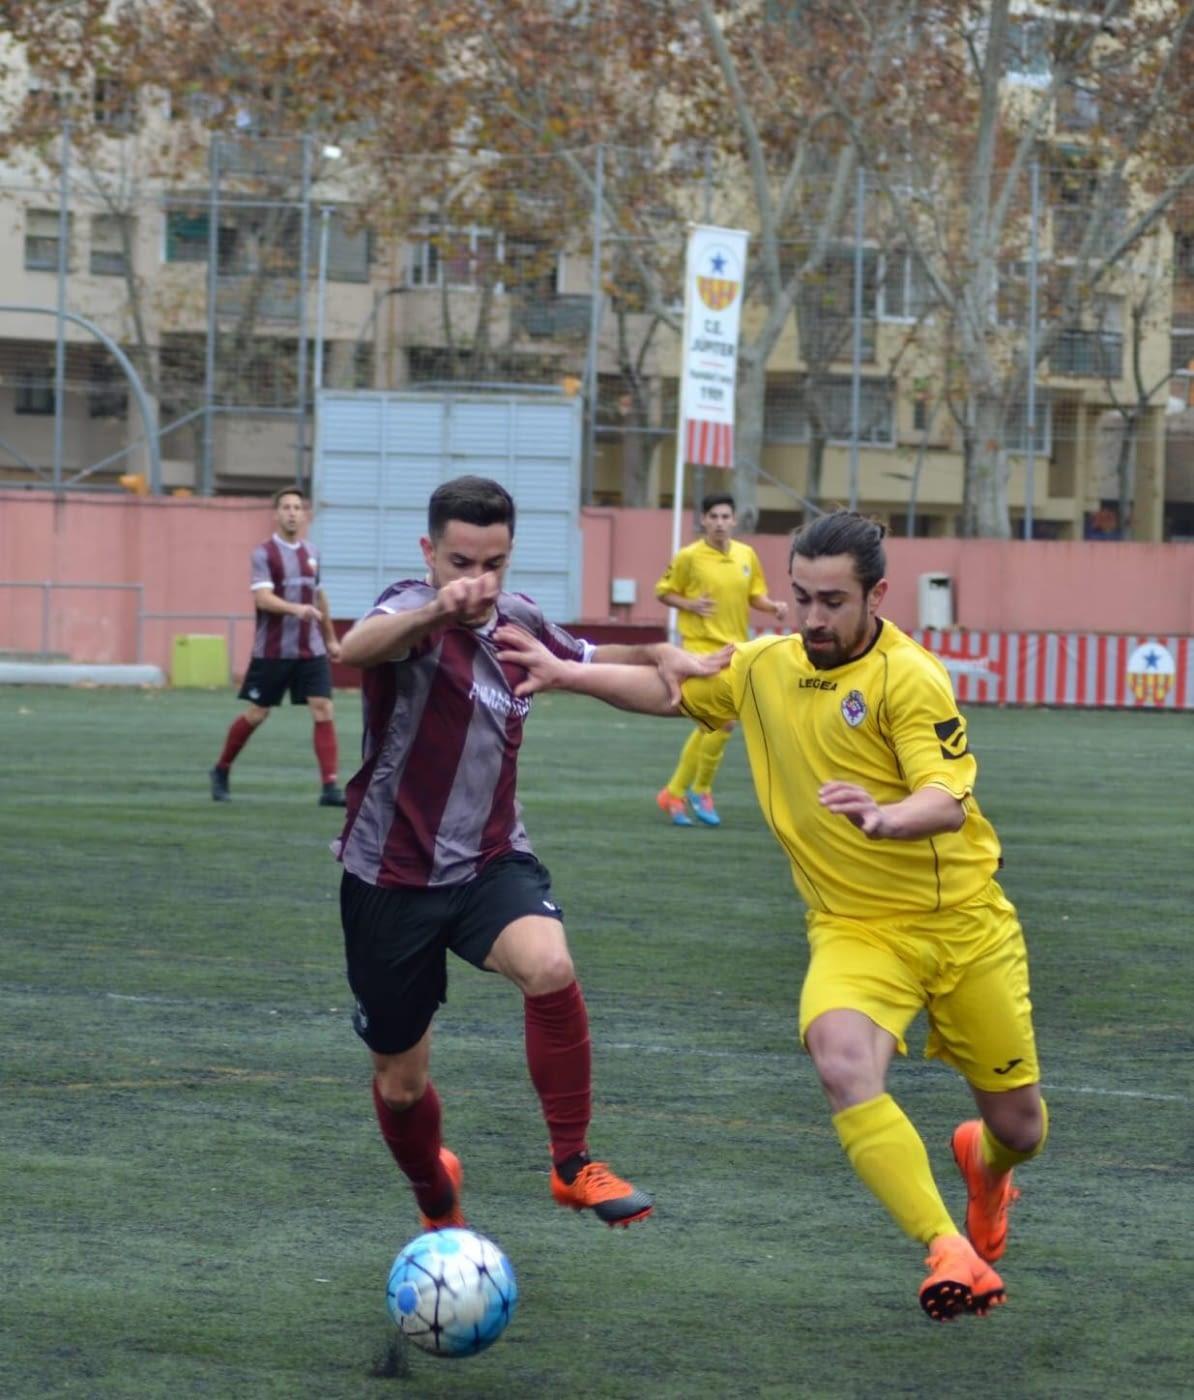 Crònica - Jornada 15 Primera Catalana: C.E Jupiter 2-1 U.E.Tàrrega